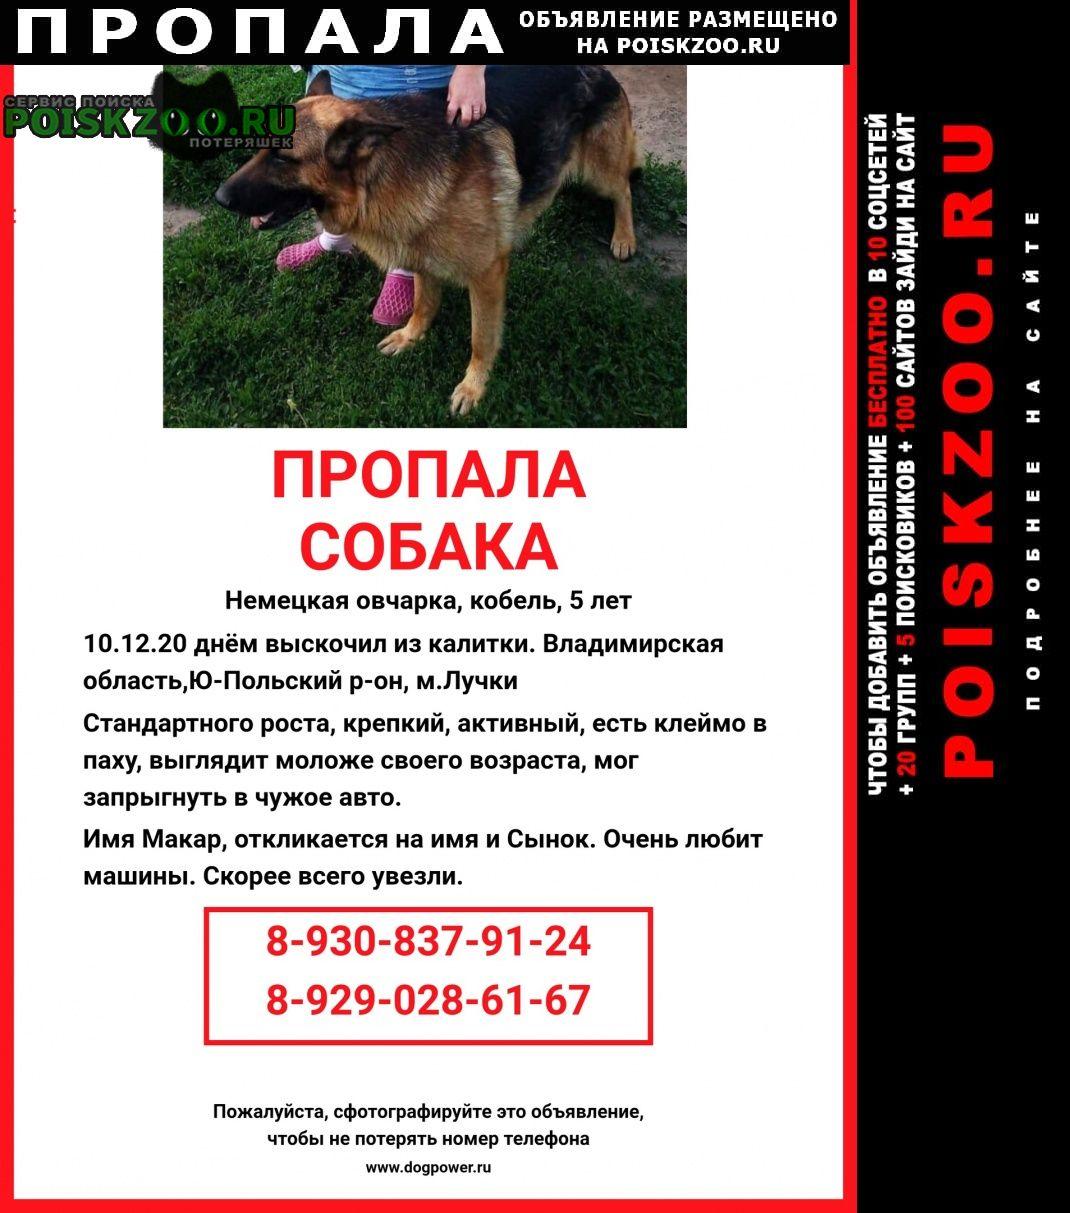 Пропала собака кобель немецкая овчарка Юрьев-Польский